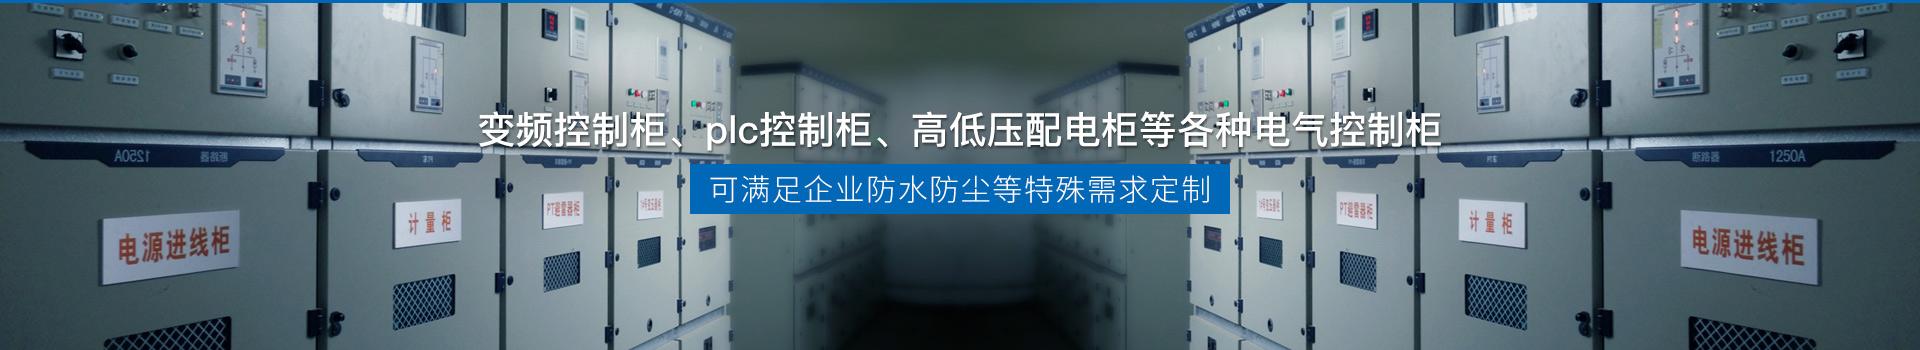 变频控制柜、plc控制柜、高低压配电柜等各种电气控制柜